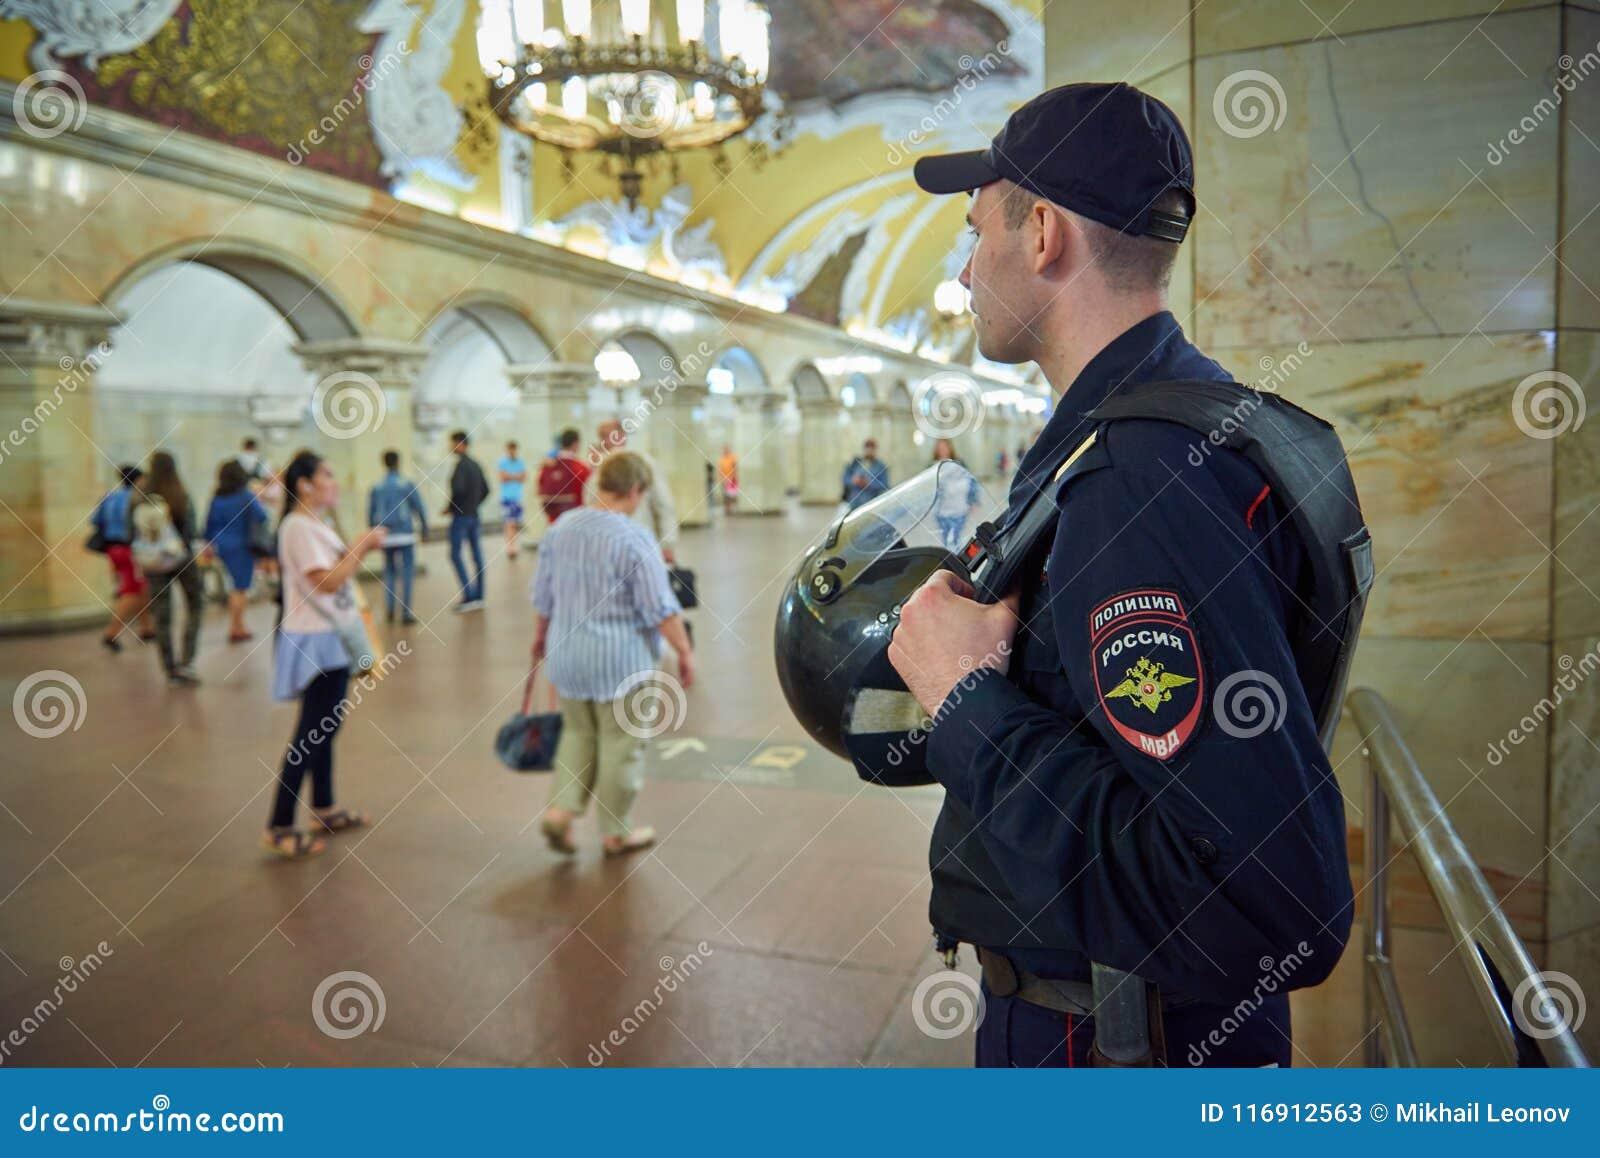 MOSCA, MAGGIO, 13, 2018: La polizia russa equipaggia in giubbotto antiproiettile alla stazione ferroviaria Komsomolskaya della me